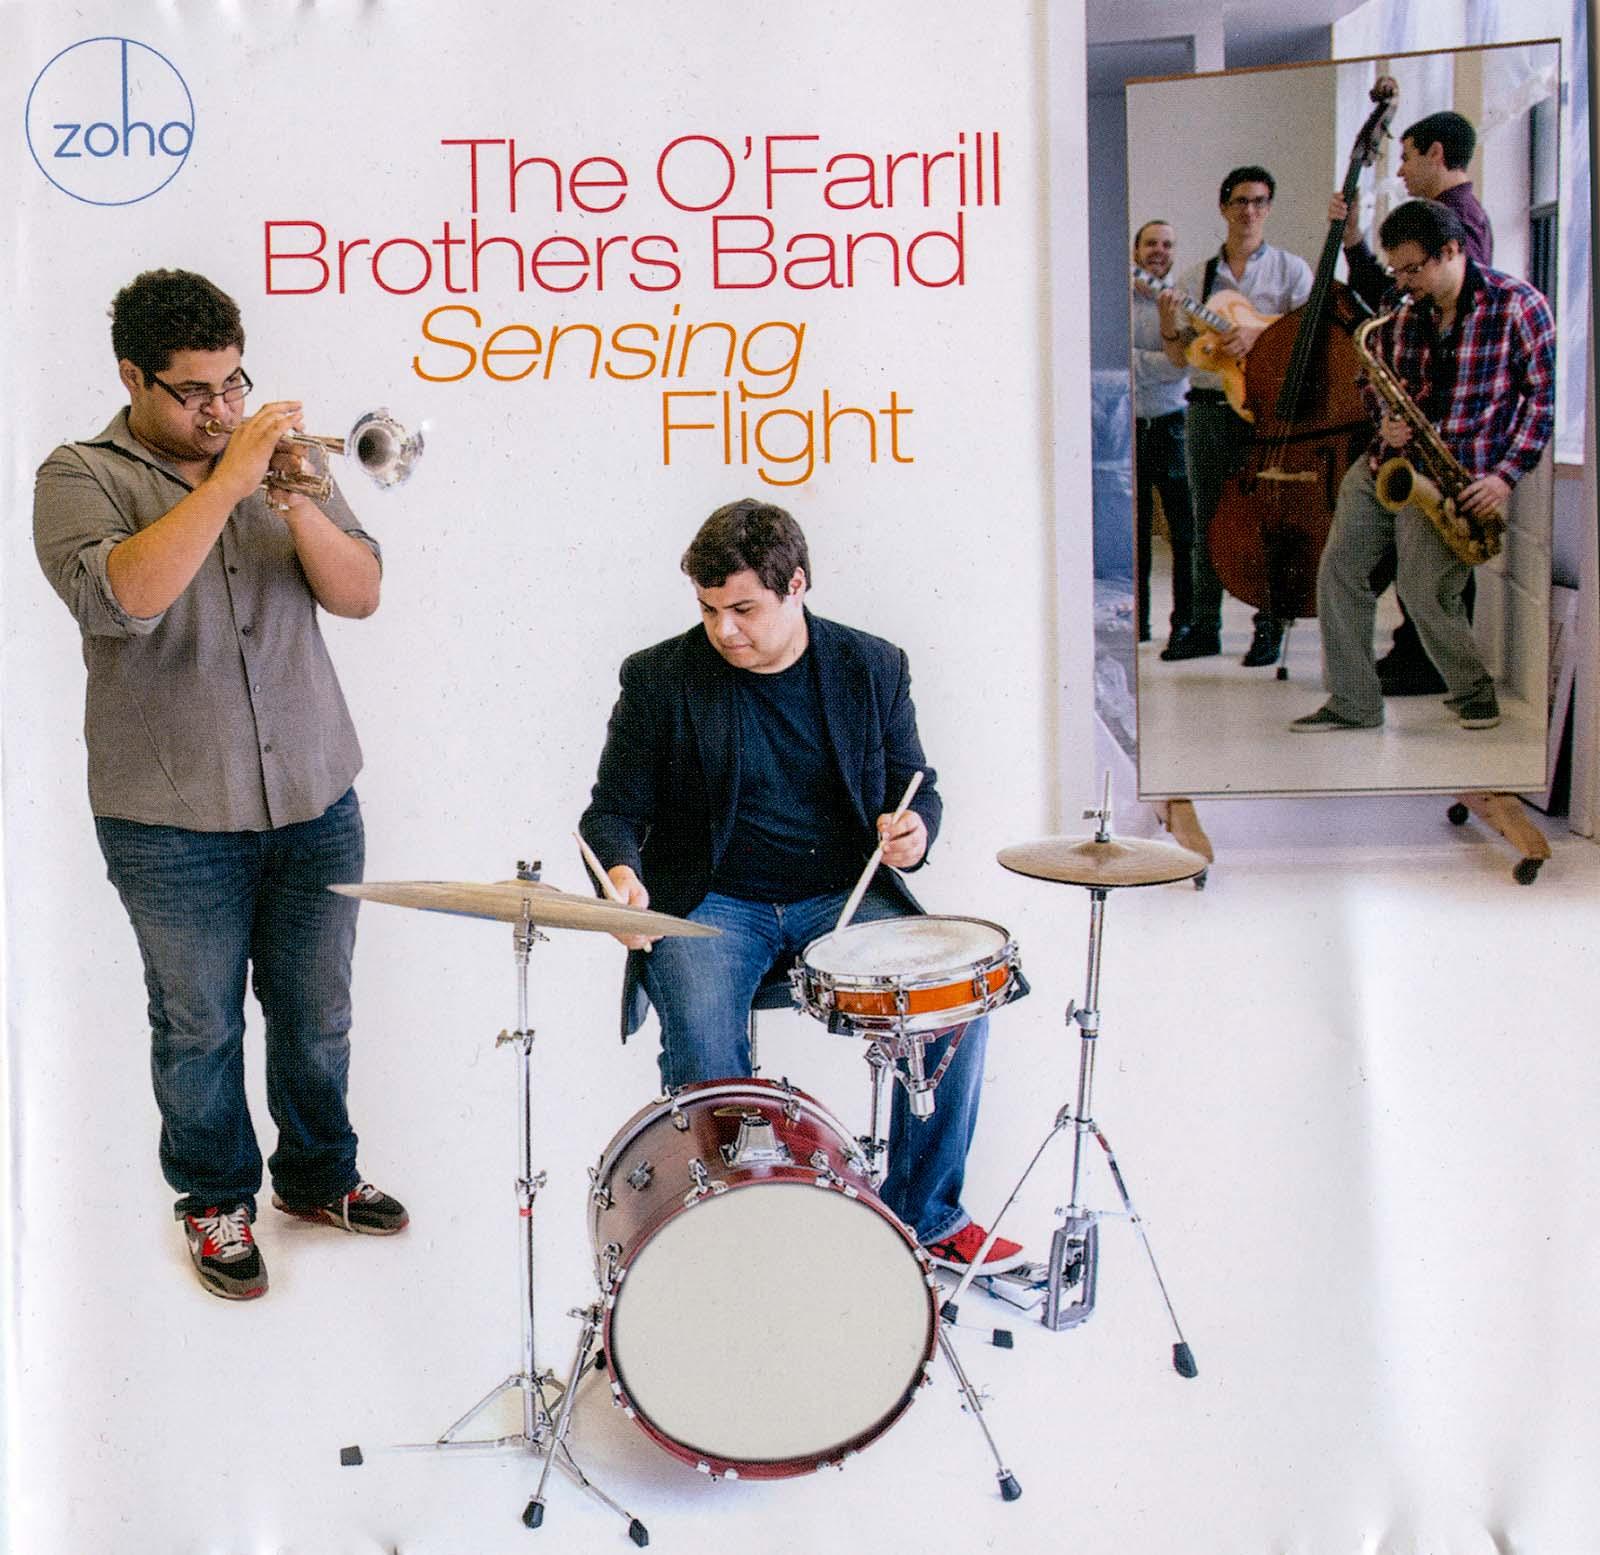 OFarrill_Album_Cover.jpg